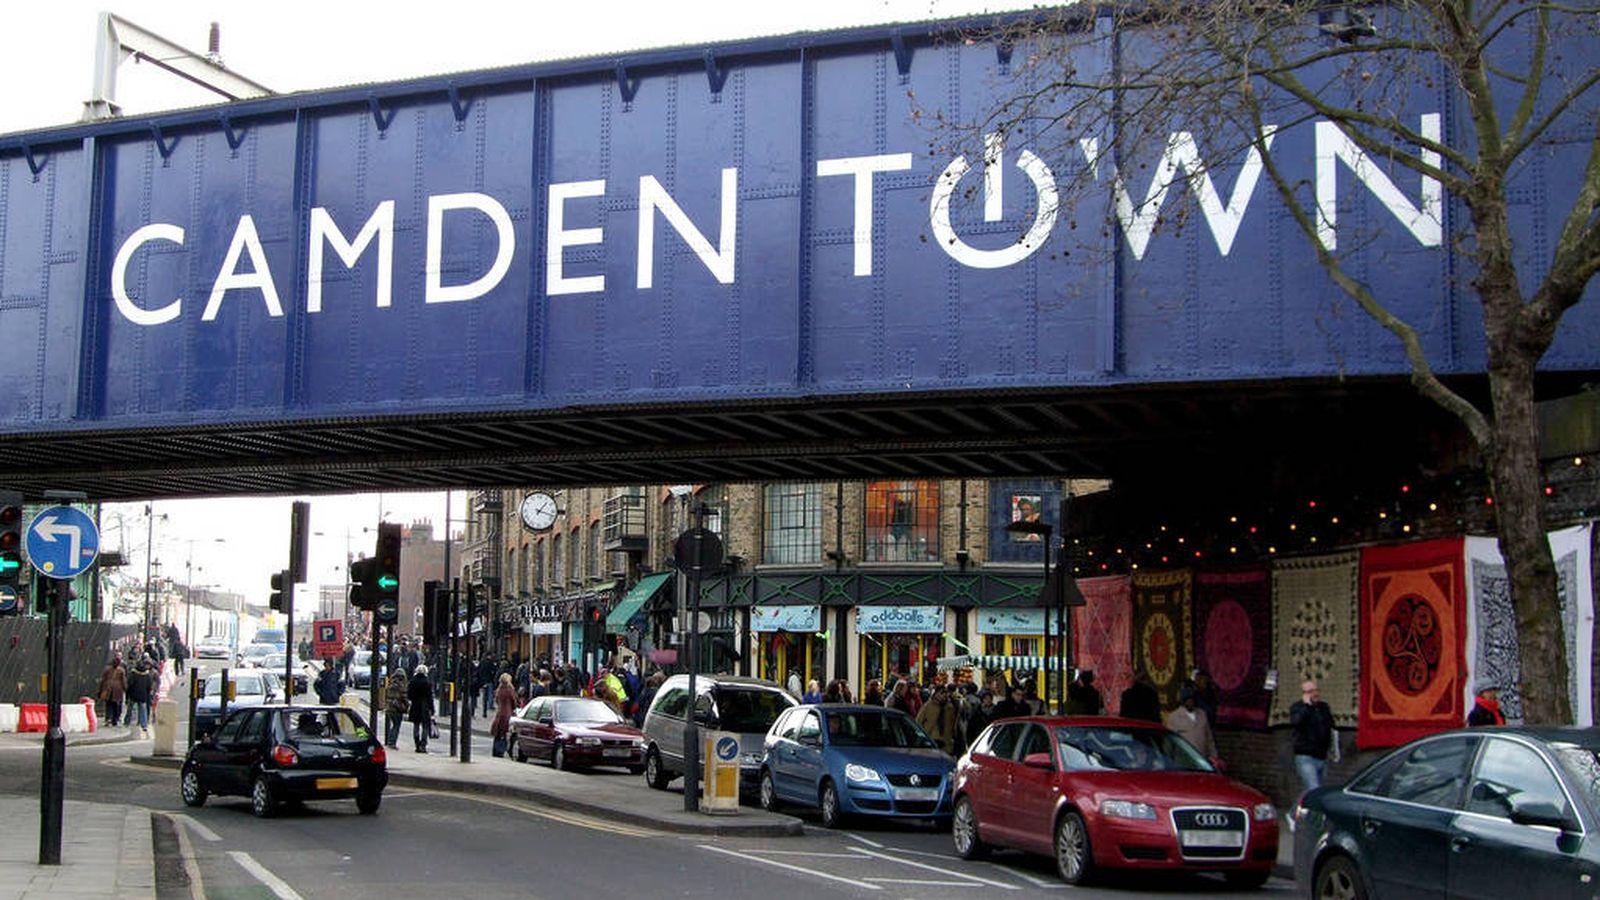 Foto: El alternativo mercado de Camden es uno de los principales puntos de interés turístico de Londres.